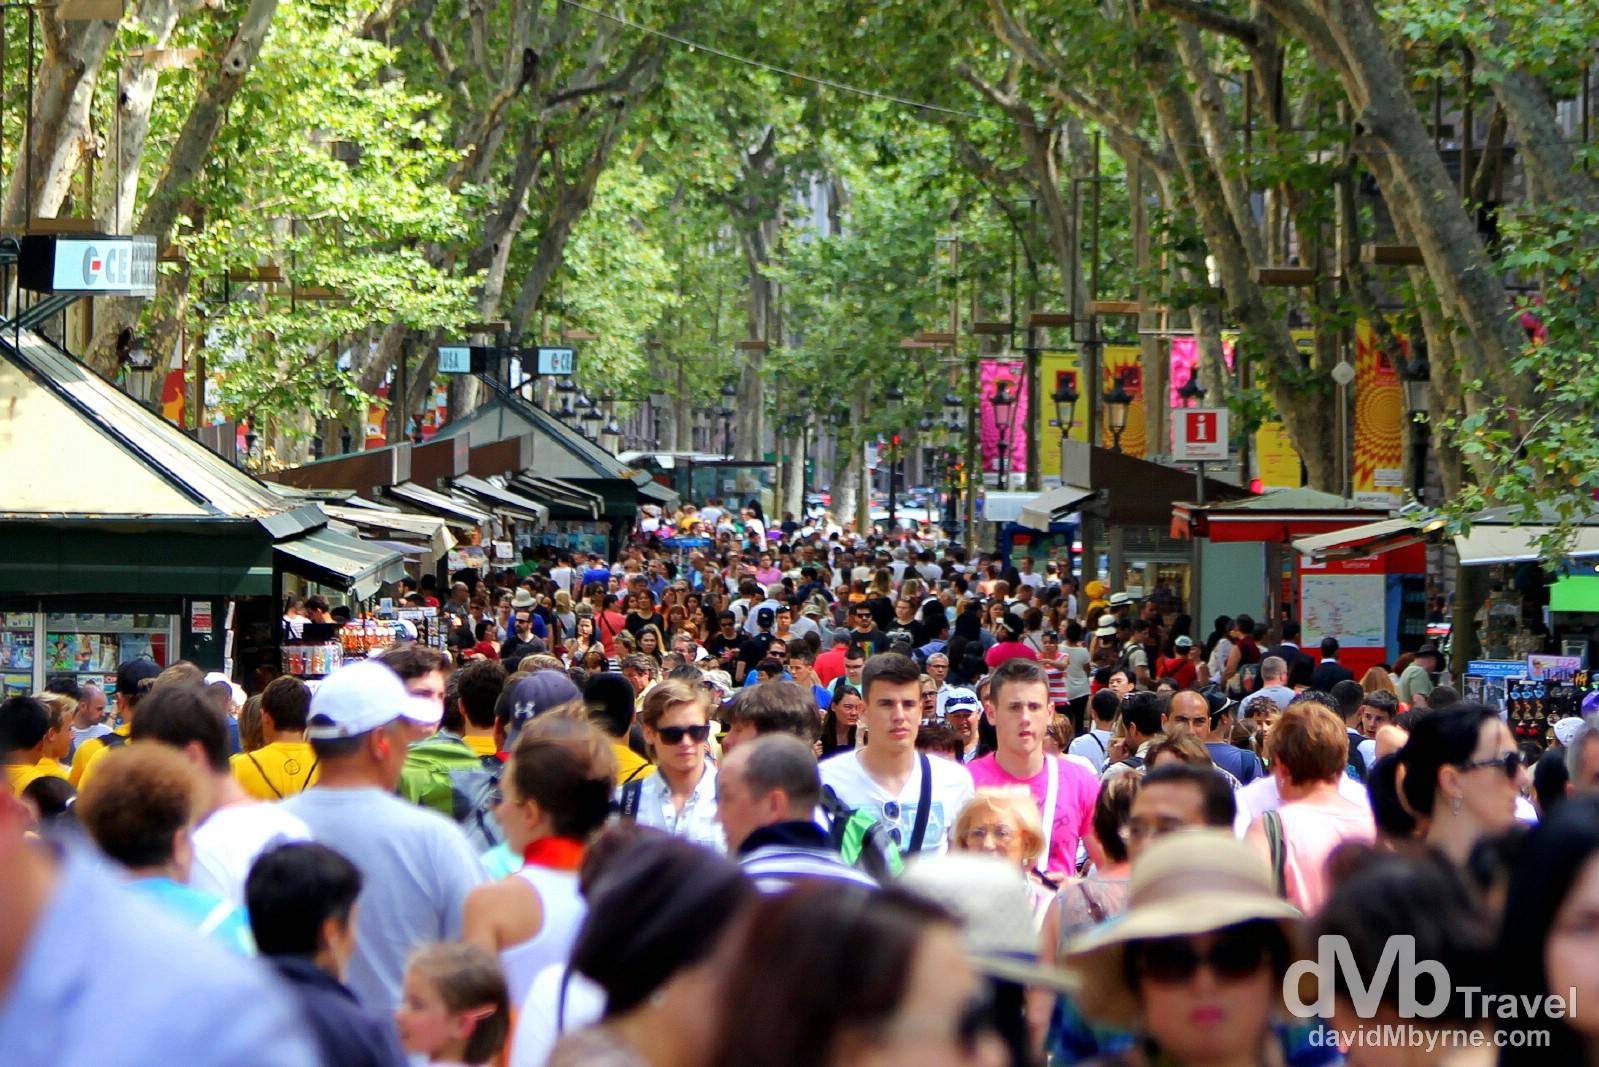 People on Spain's most famous street, La Rambla. Barcelona, Spain. June 18th, 2014.